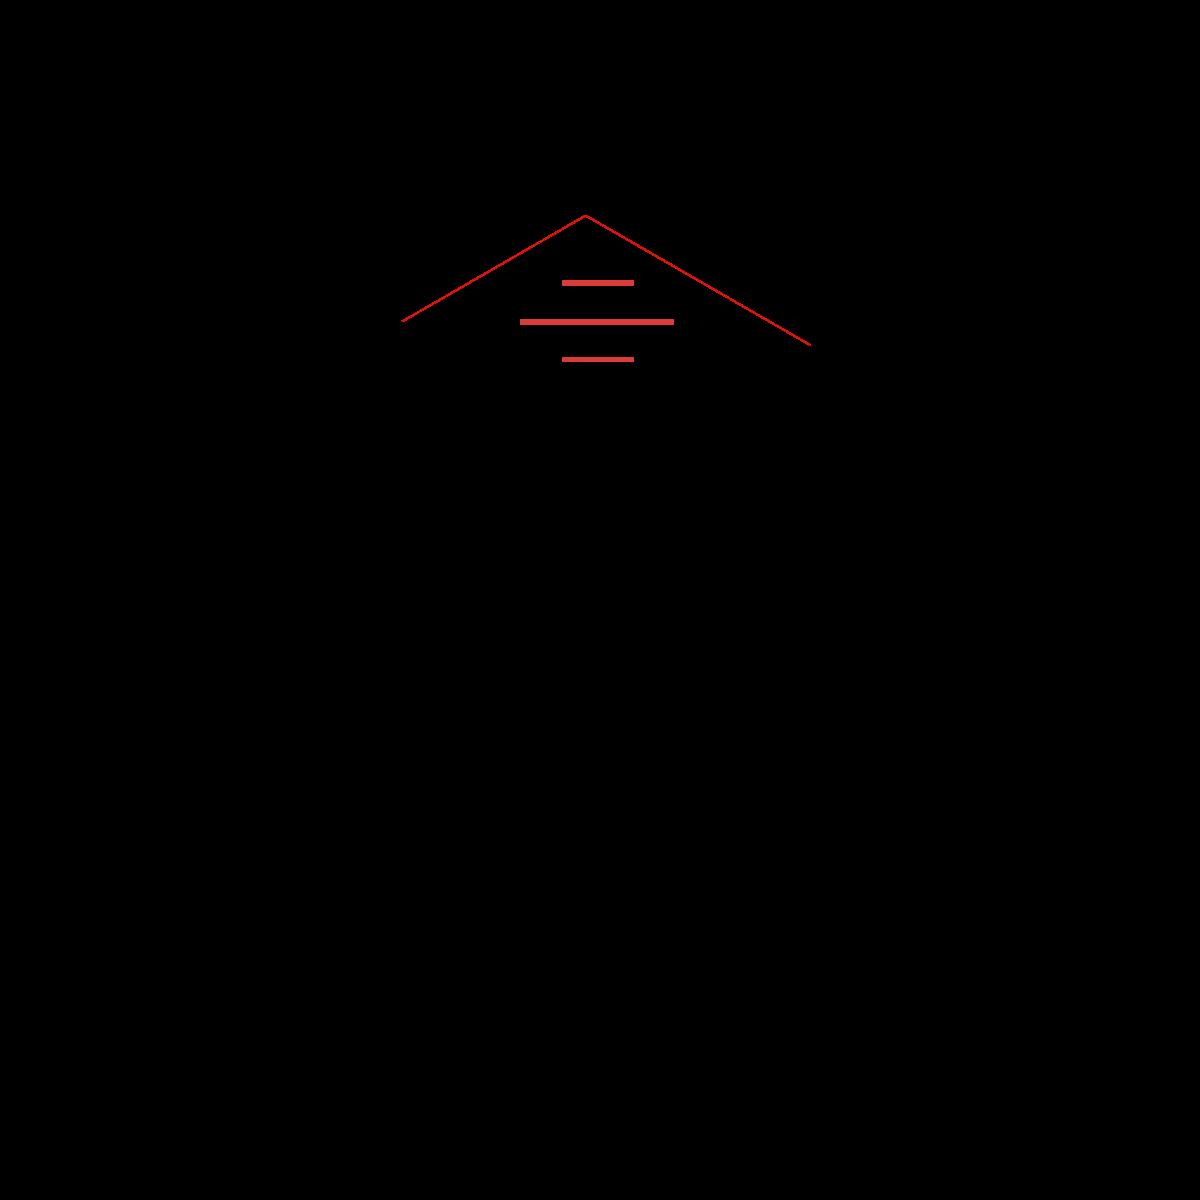 Sistema de lucarnas 7f25a0f9 c94e 44c3 b0bc e970909ea874